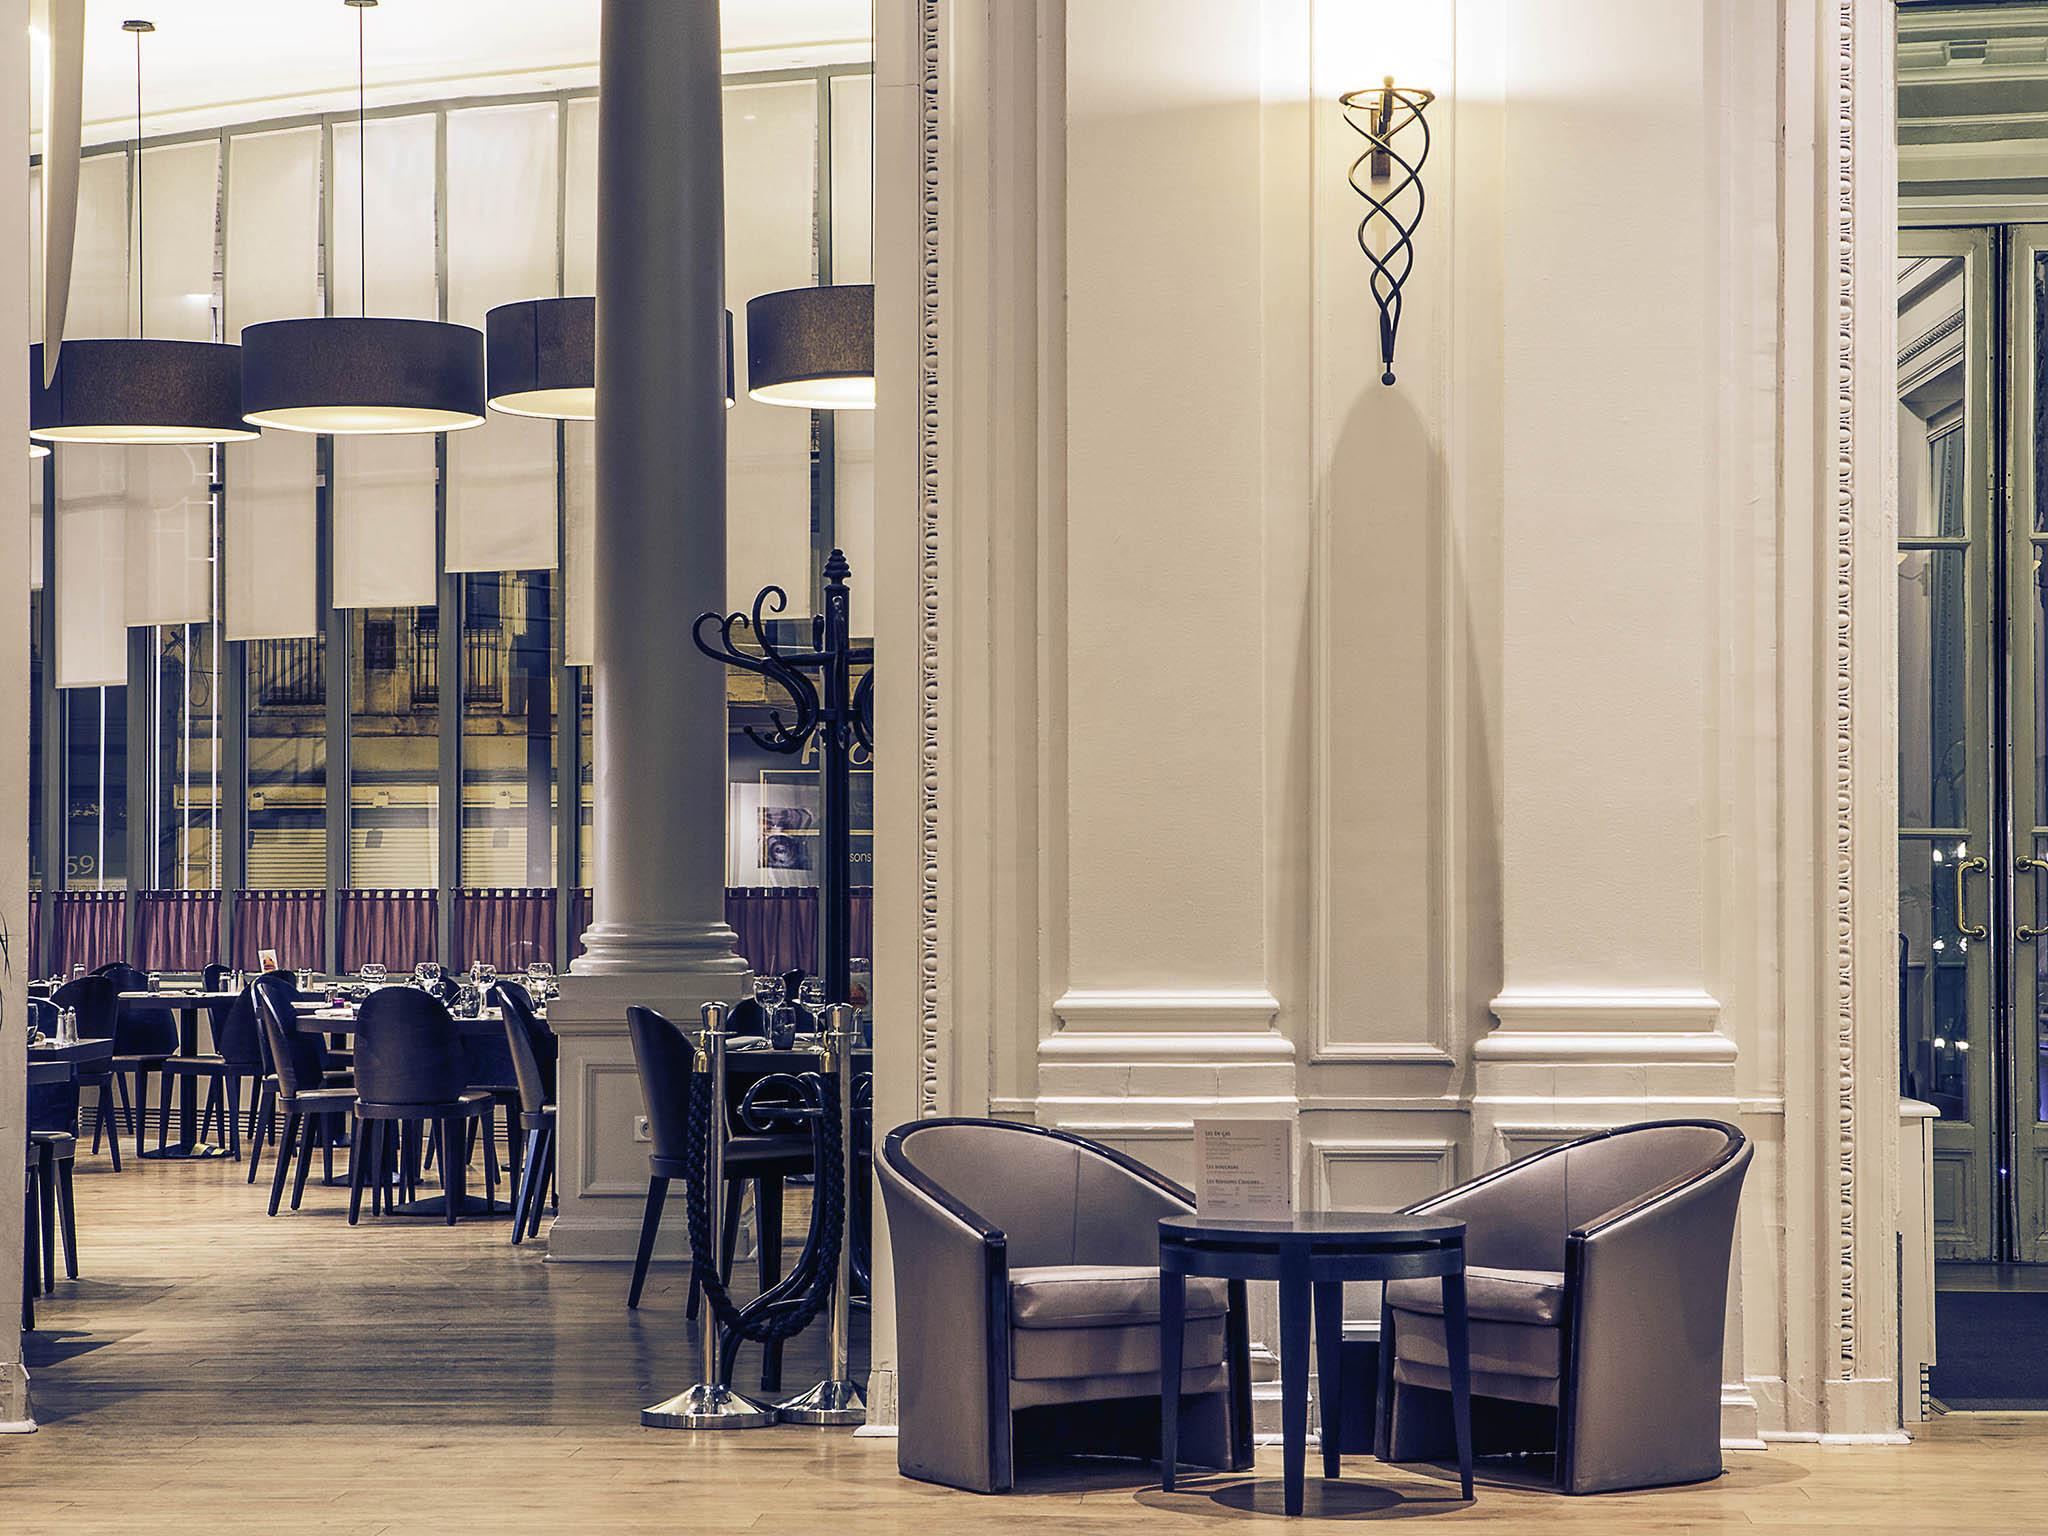 ホテル – メルキュール リール ルーベー グランド ホテル